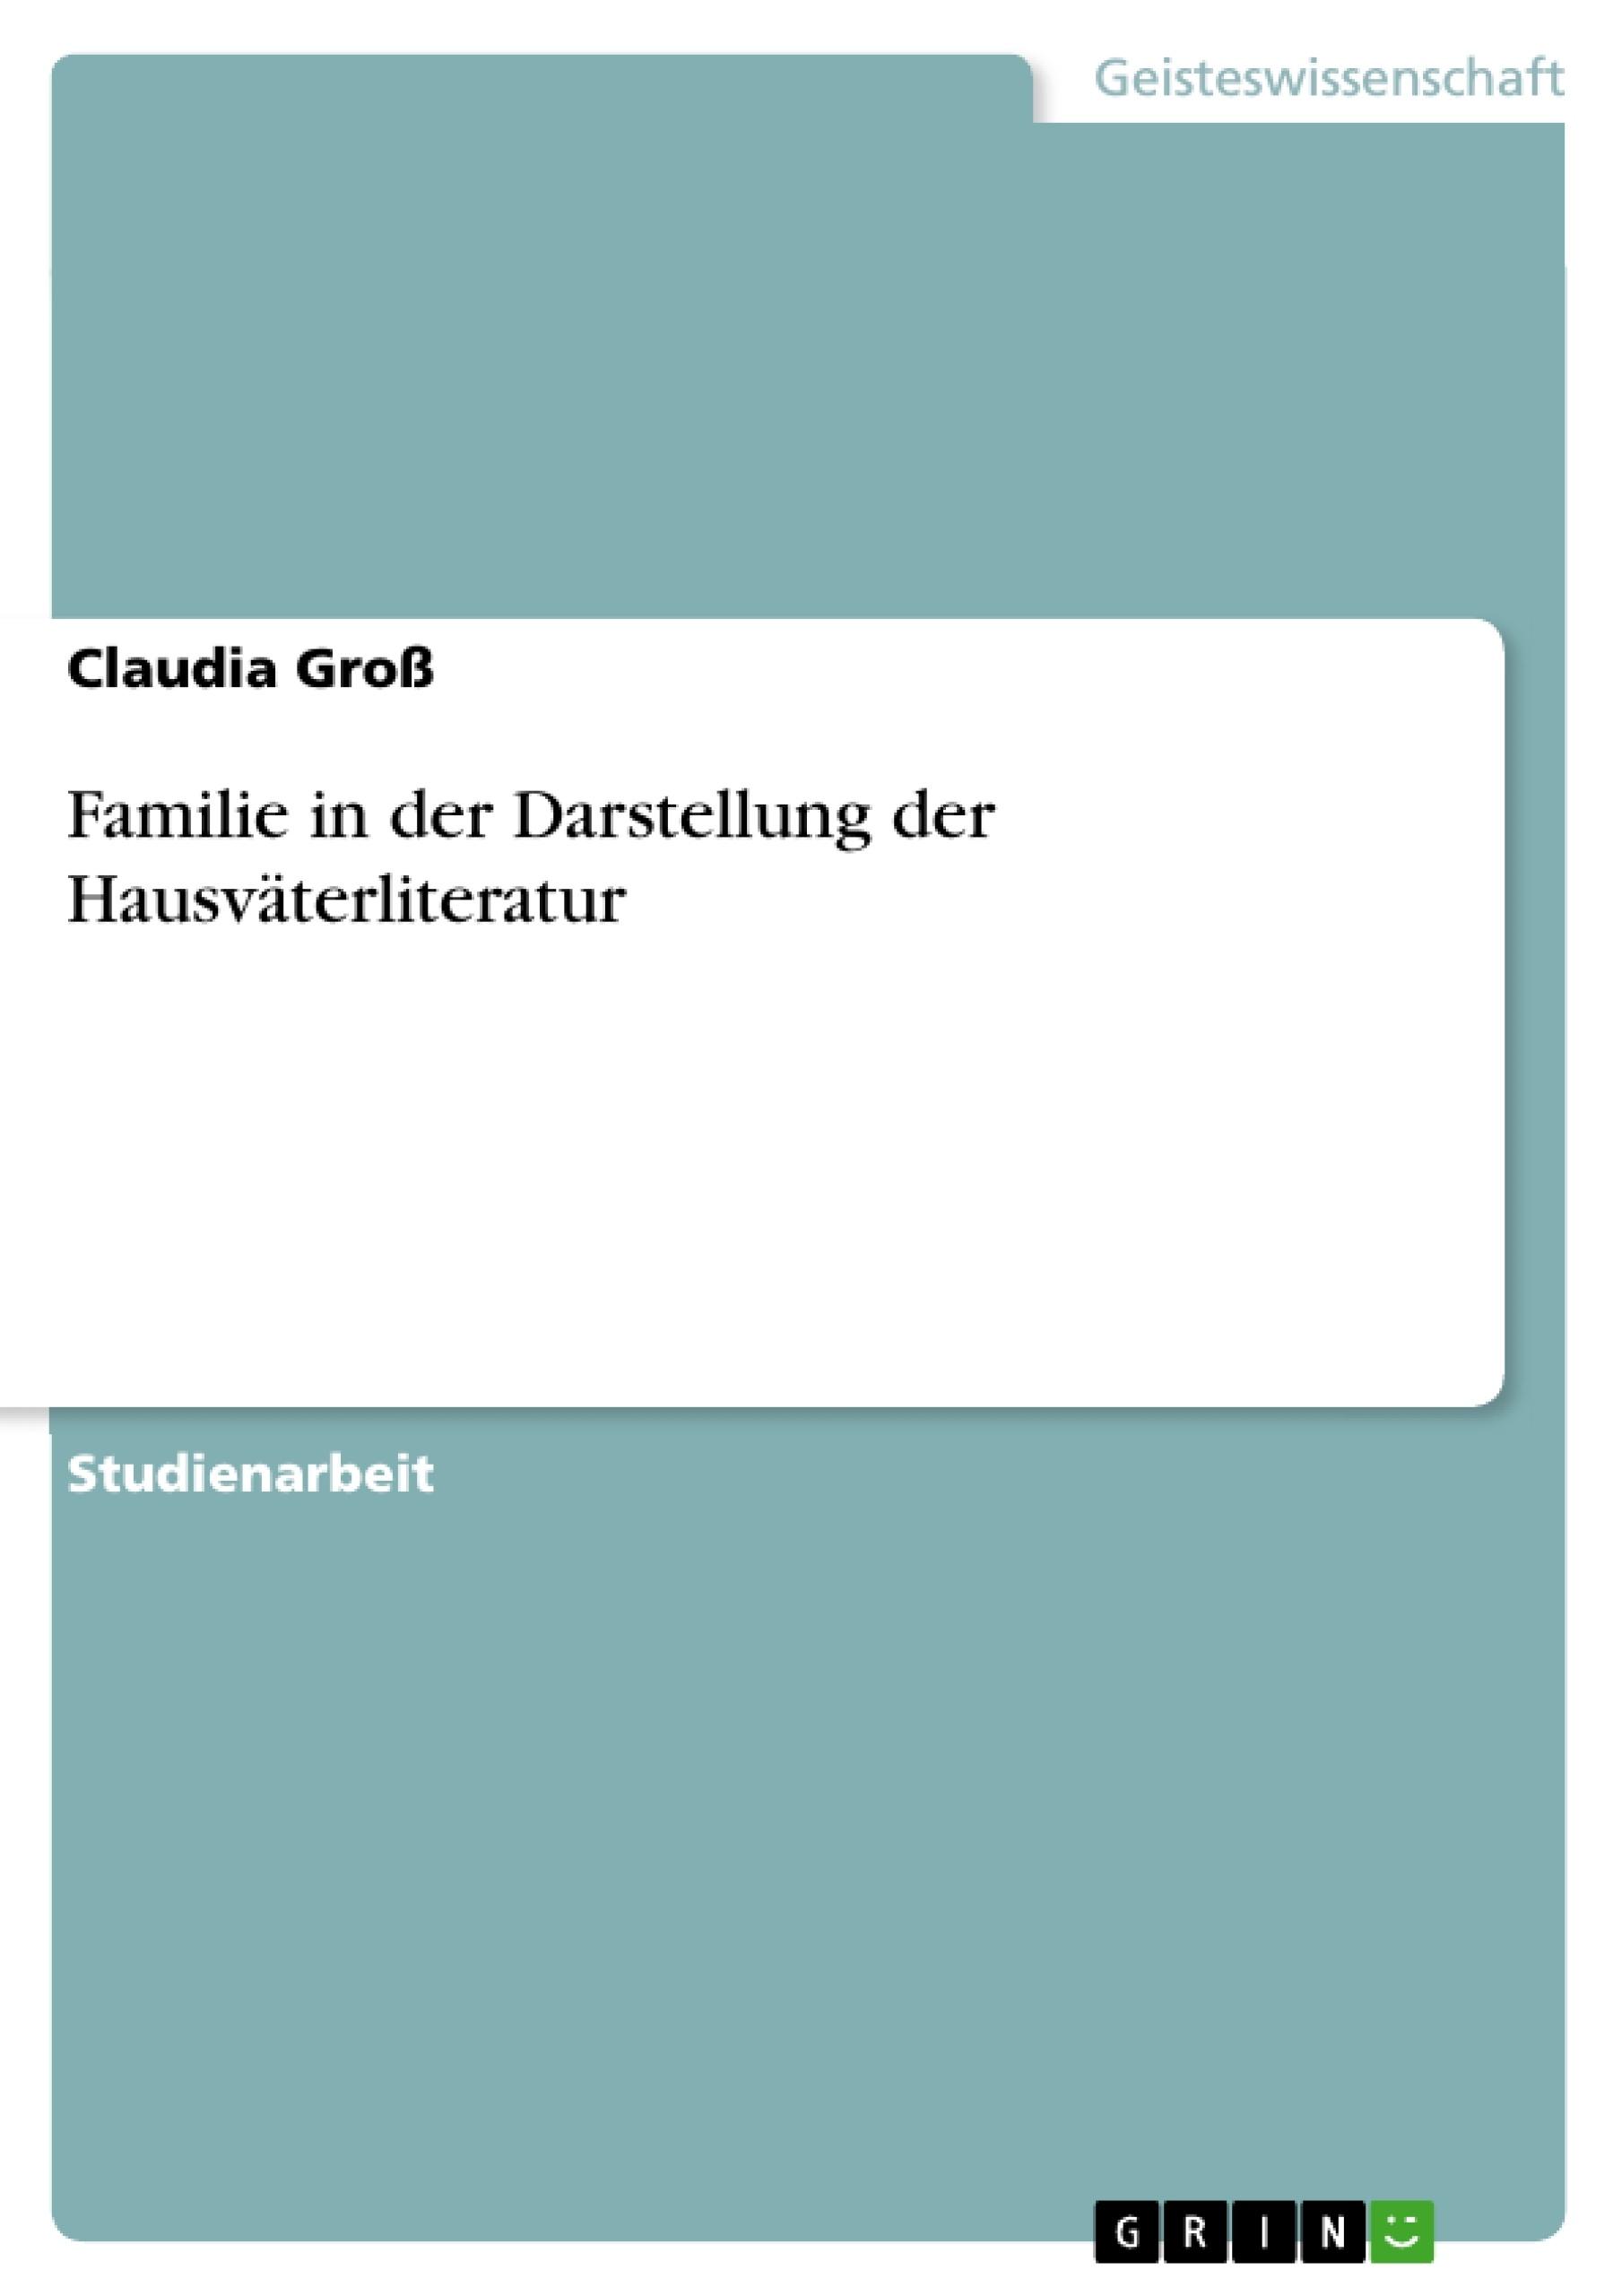 Titel: Familie in der Darstellung der Hausväterliteratur